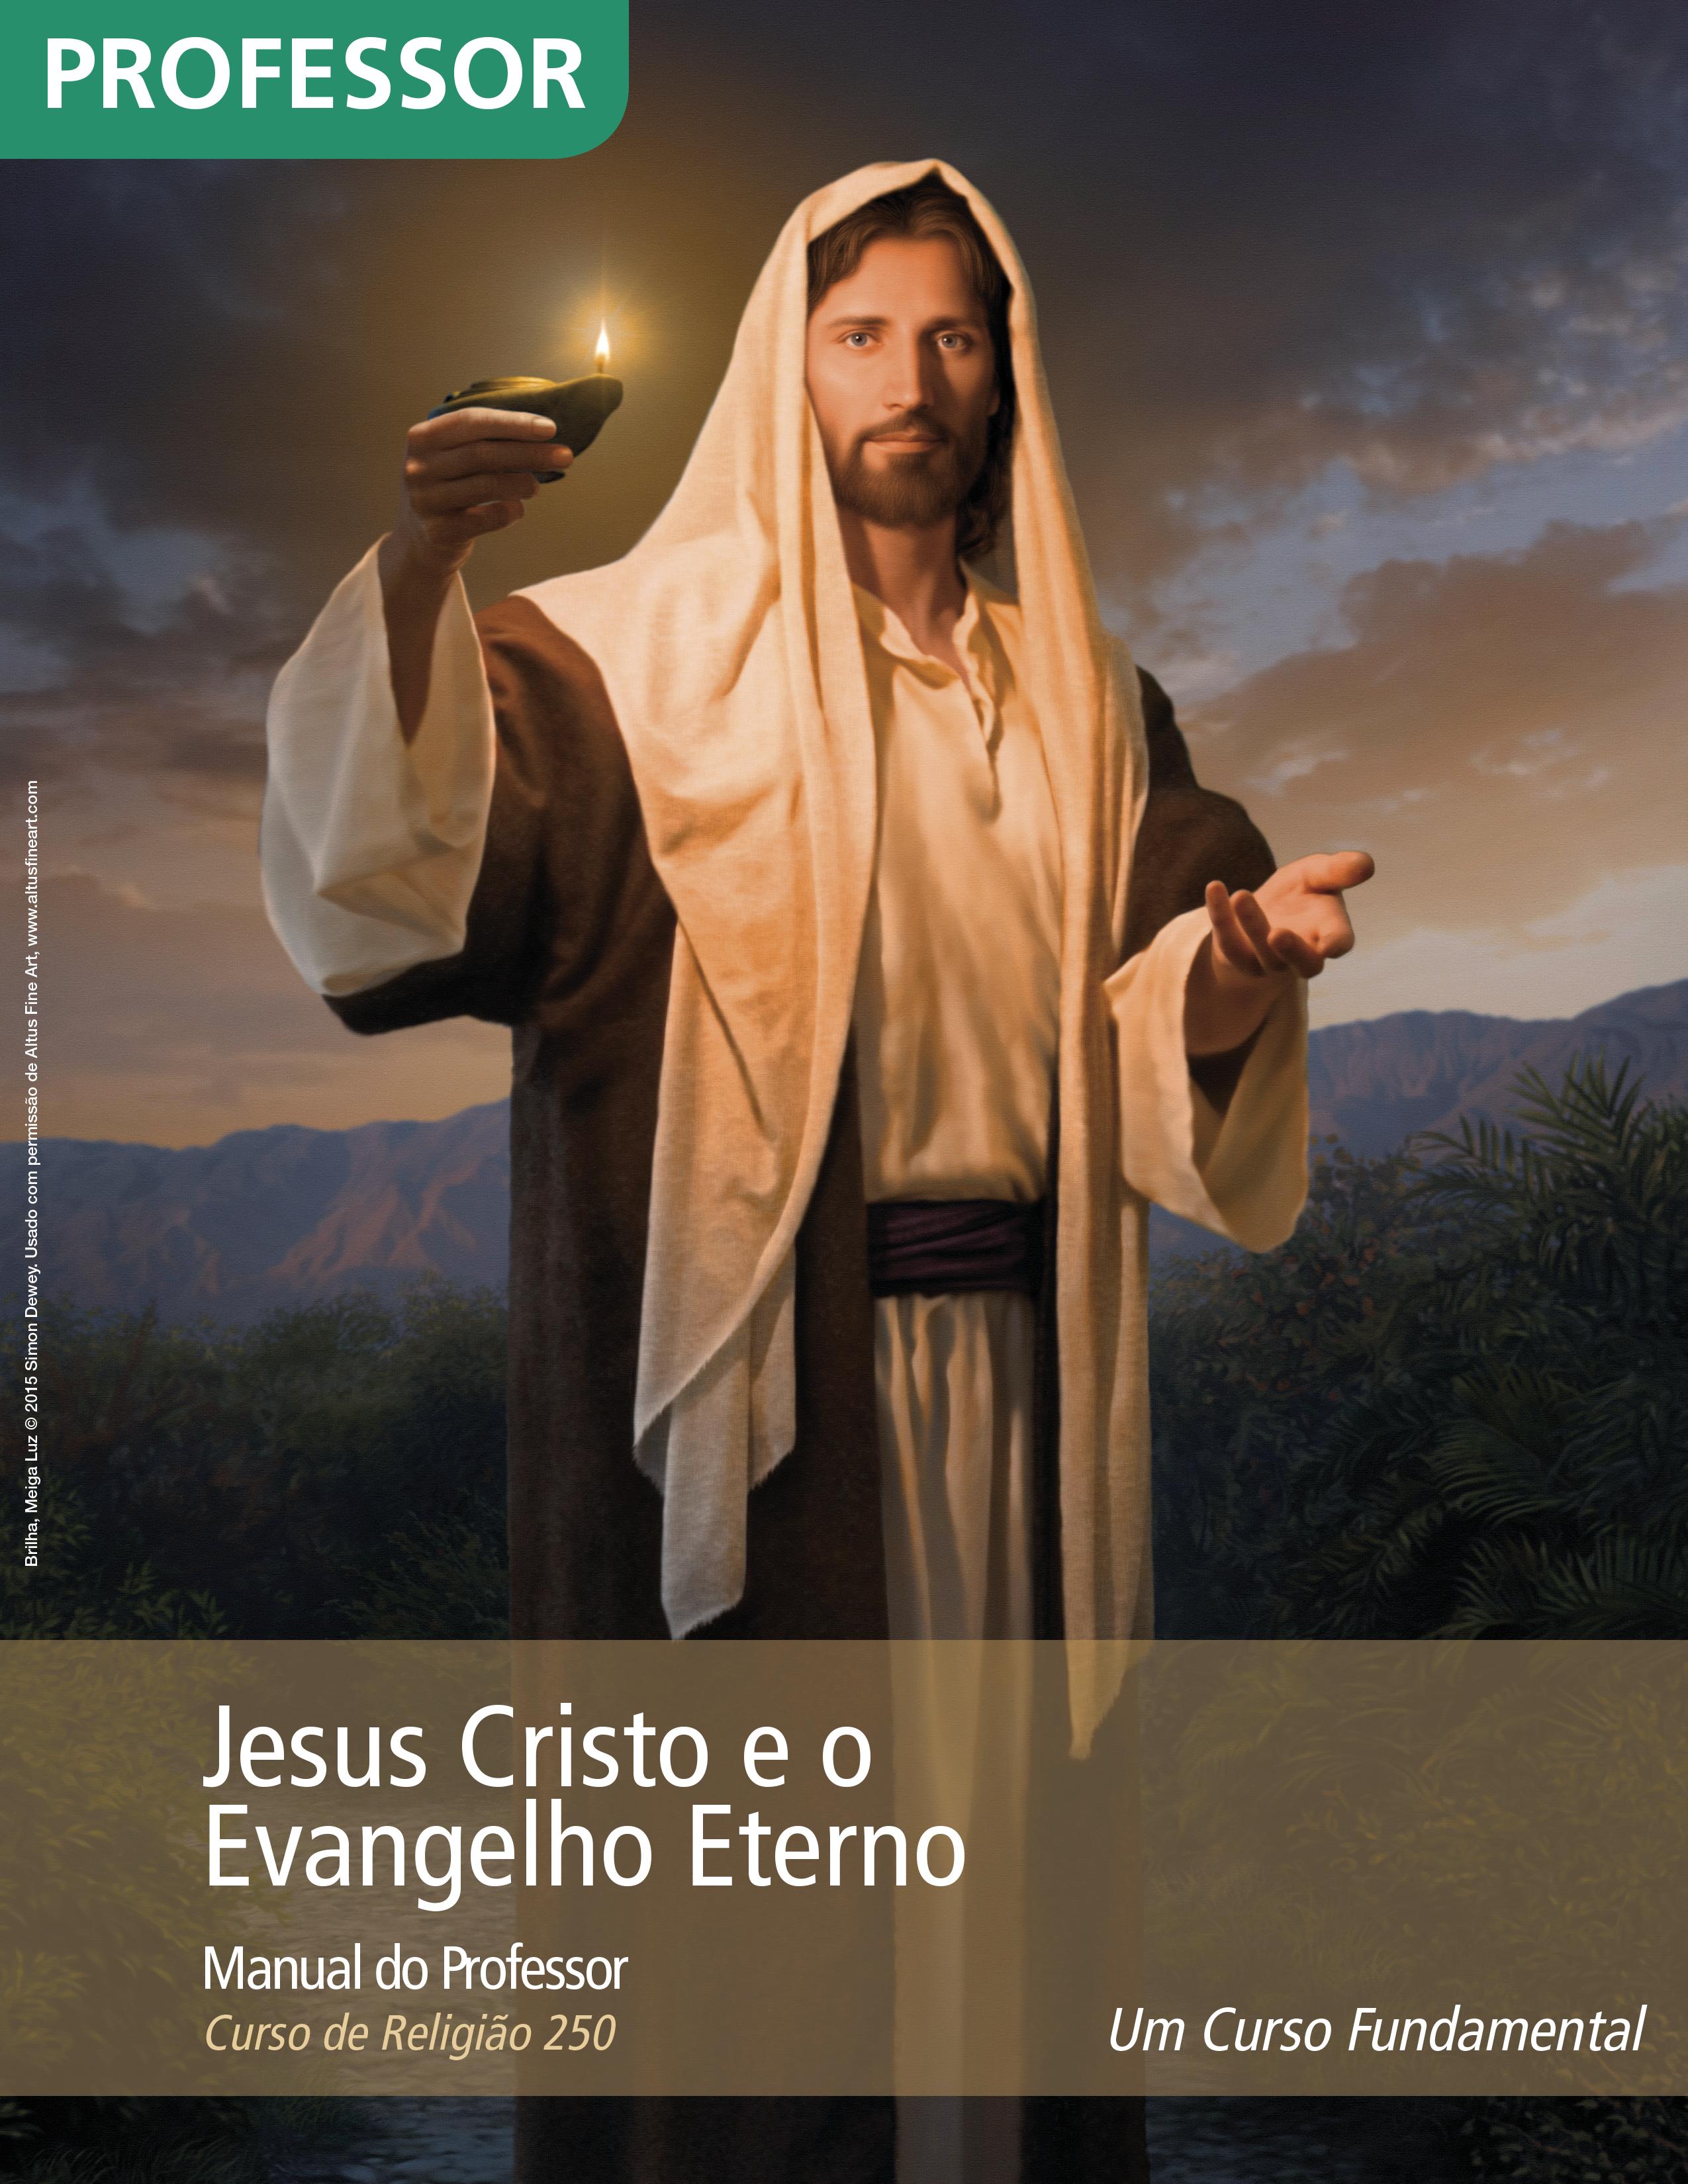 Jesus Cristo e o Evangelho Eterno — Manual do Professor (Rel 250)